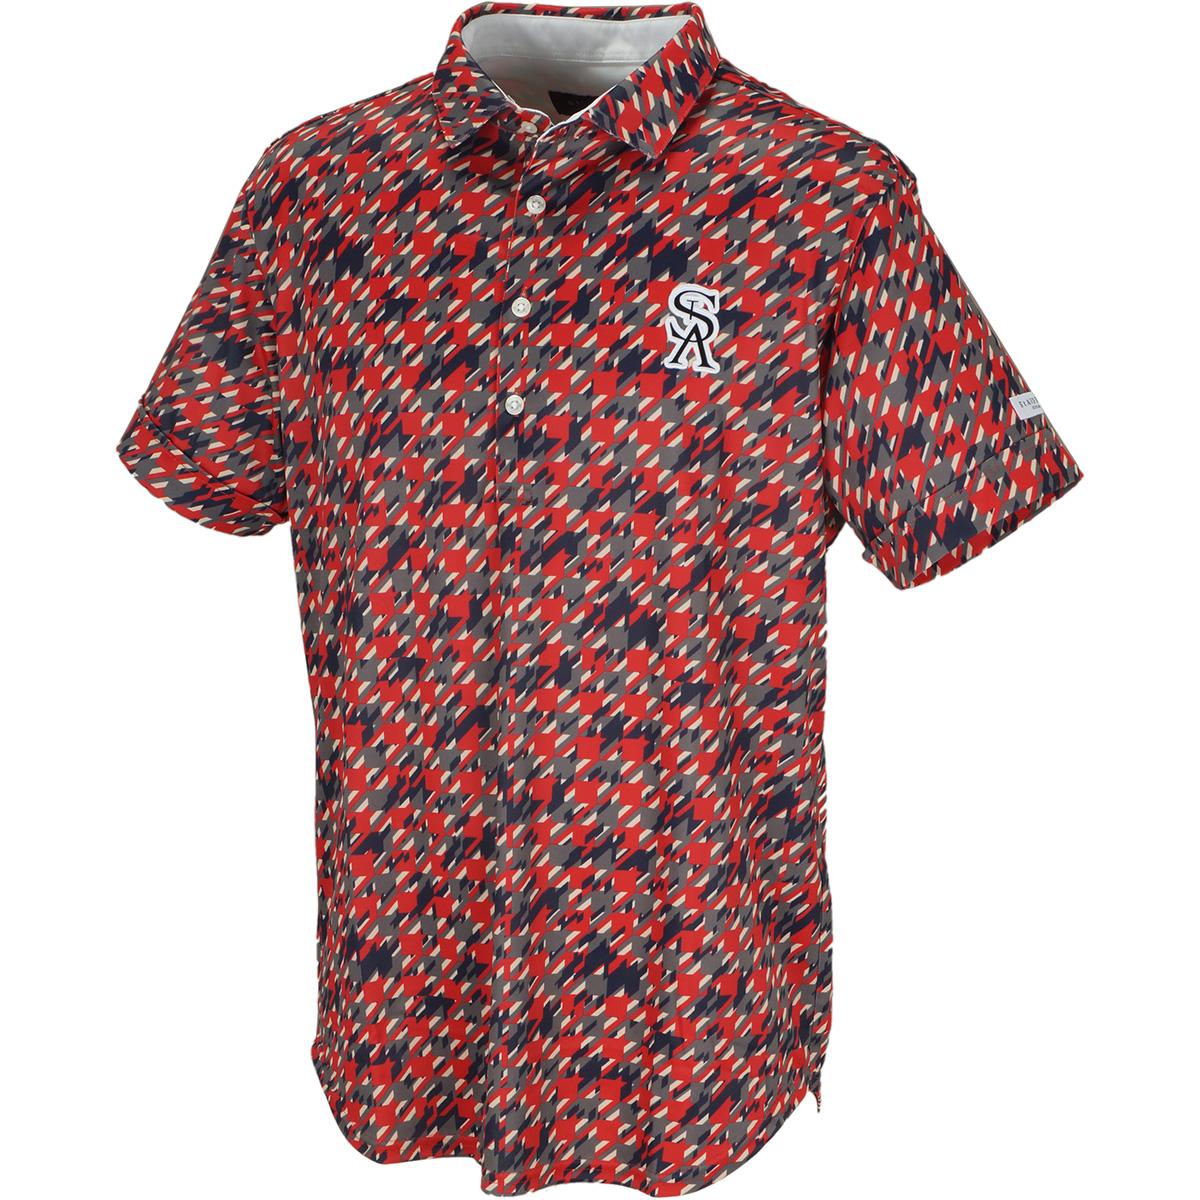 Uchimizu変形千鳥プリント半袖ポロシャツ